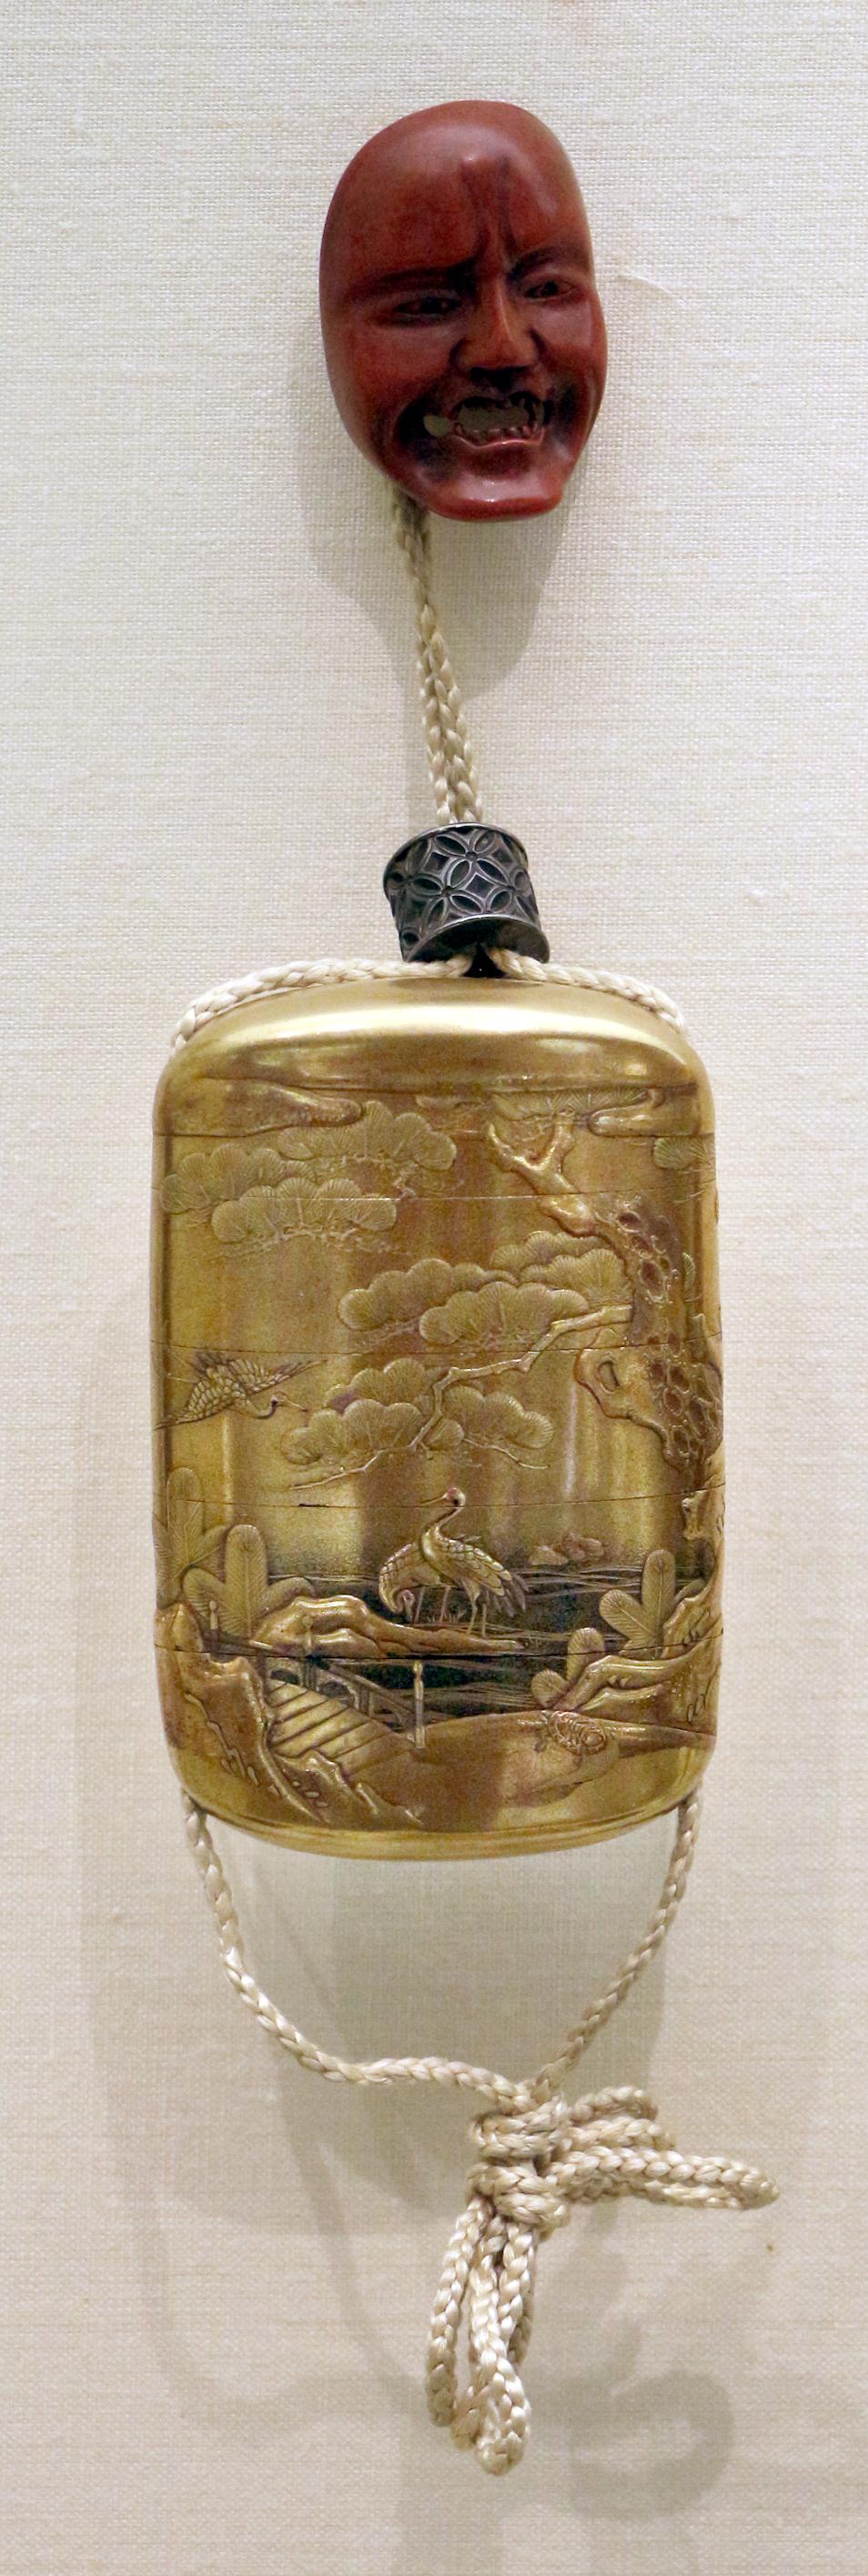 File:Giappone, inroo in lacca, periodo edo, 04 aironi e ...